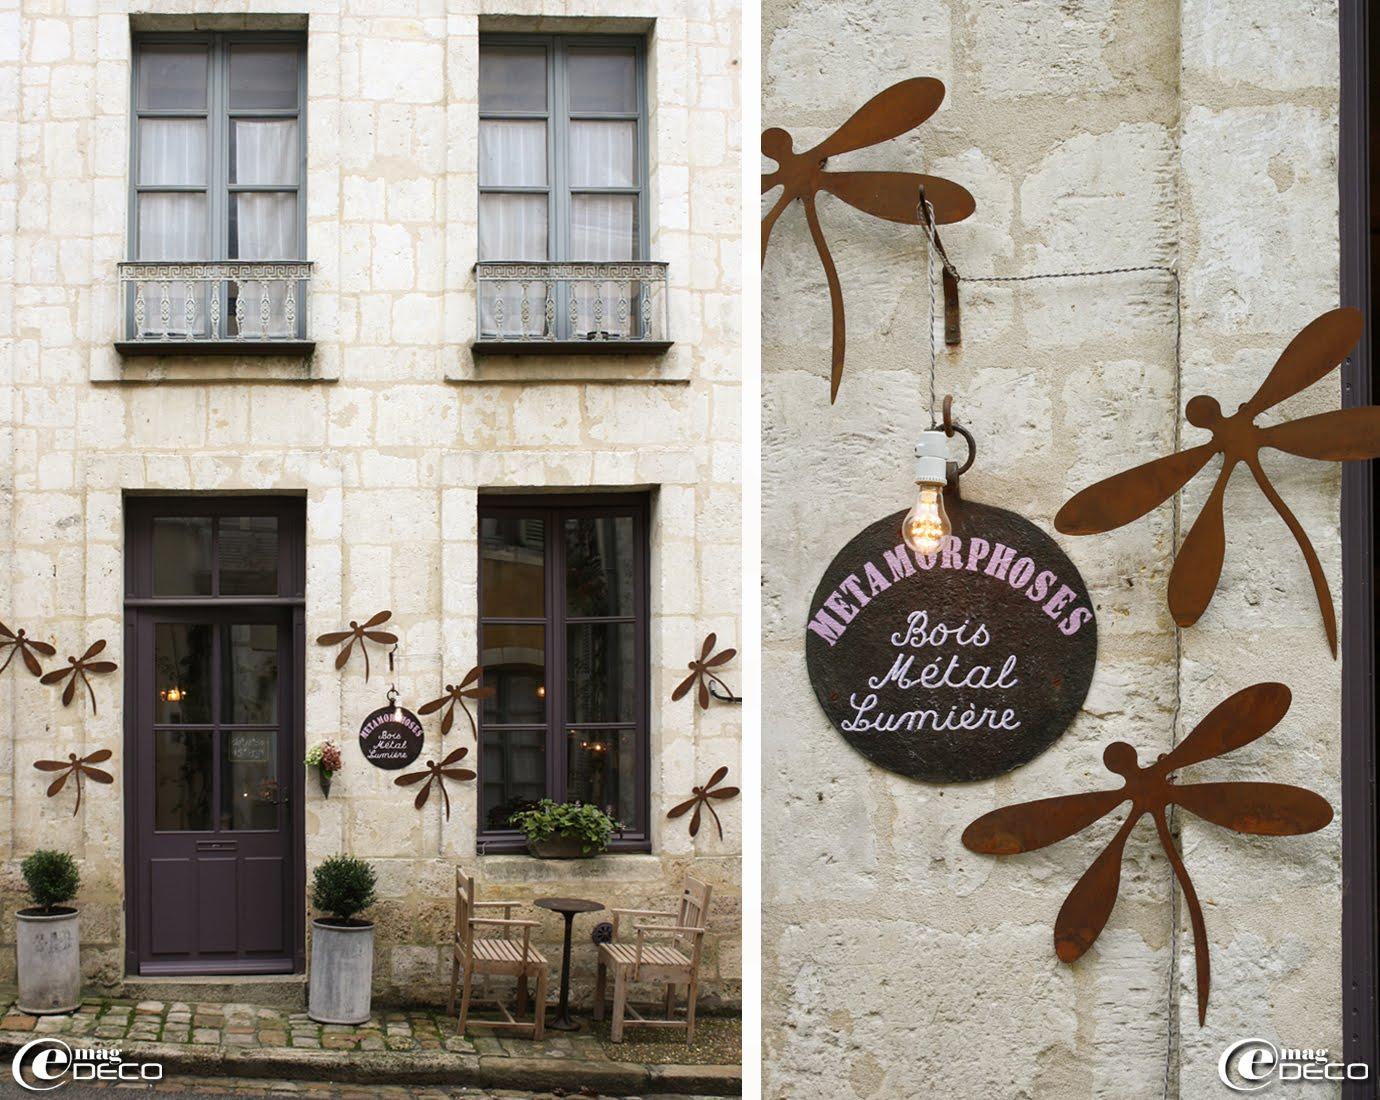 Façade de la boutique 'Métamorphoses' en haut de la rue Ville Close à Bellême, tout près de la porte de l'ancienne enceinte de la cité